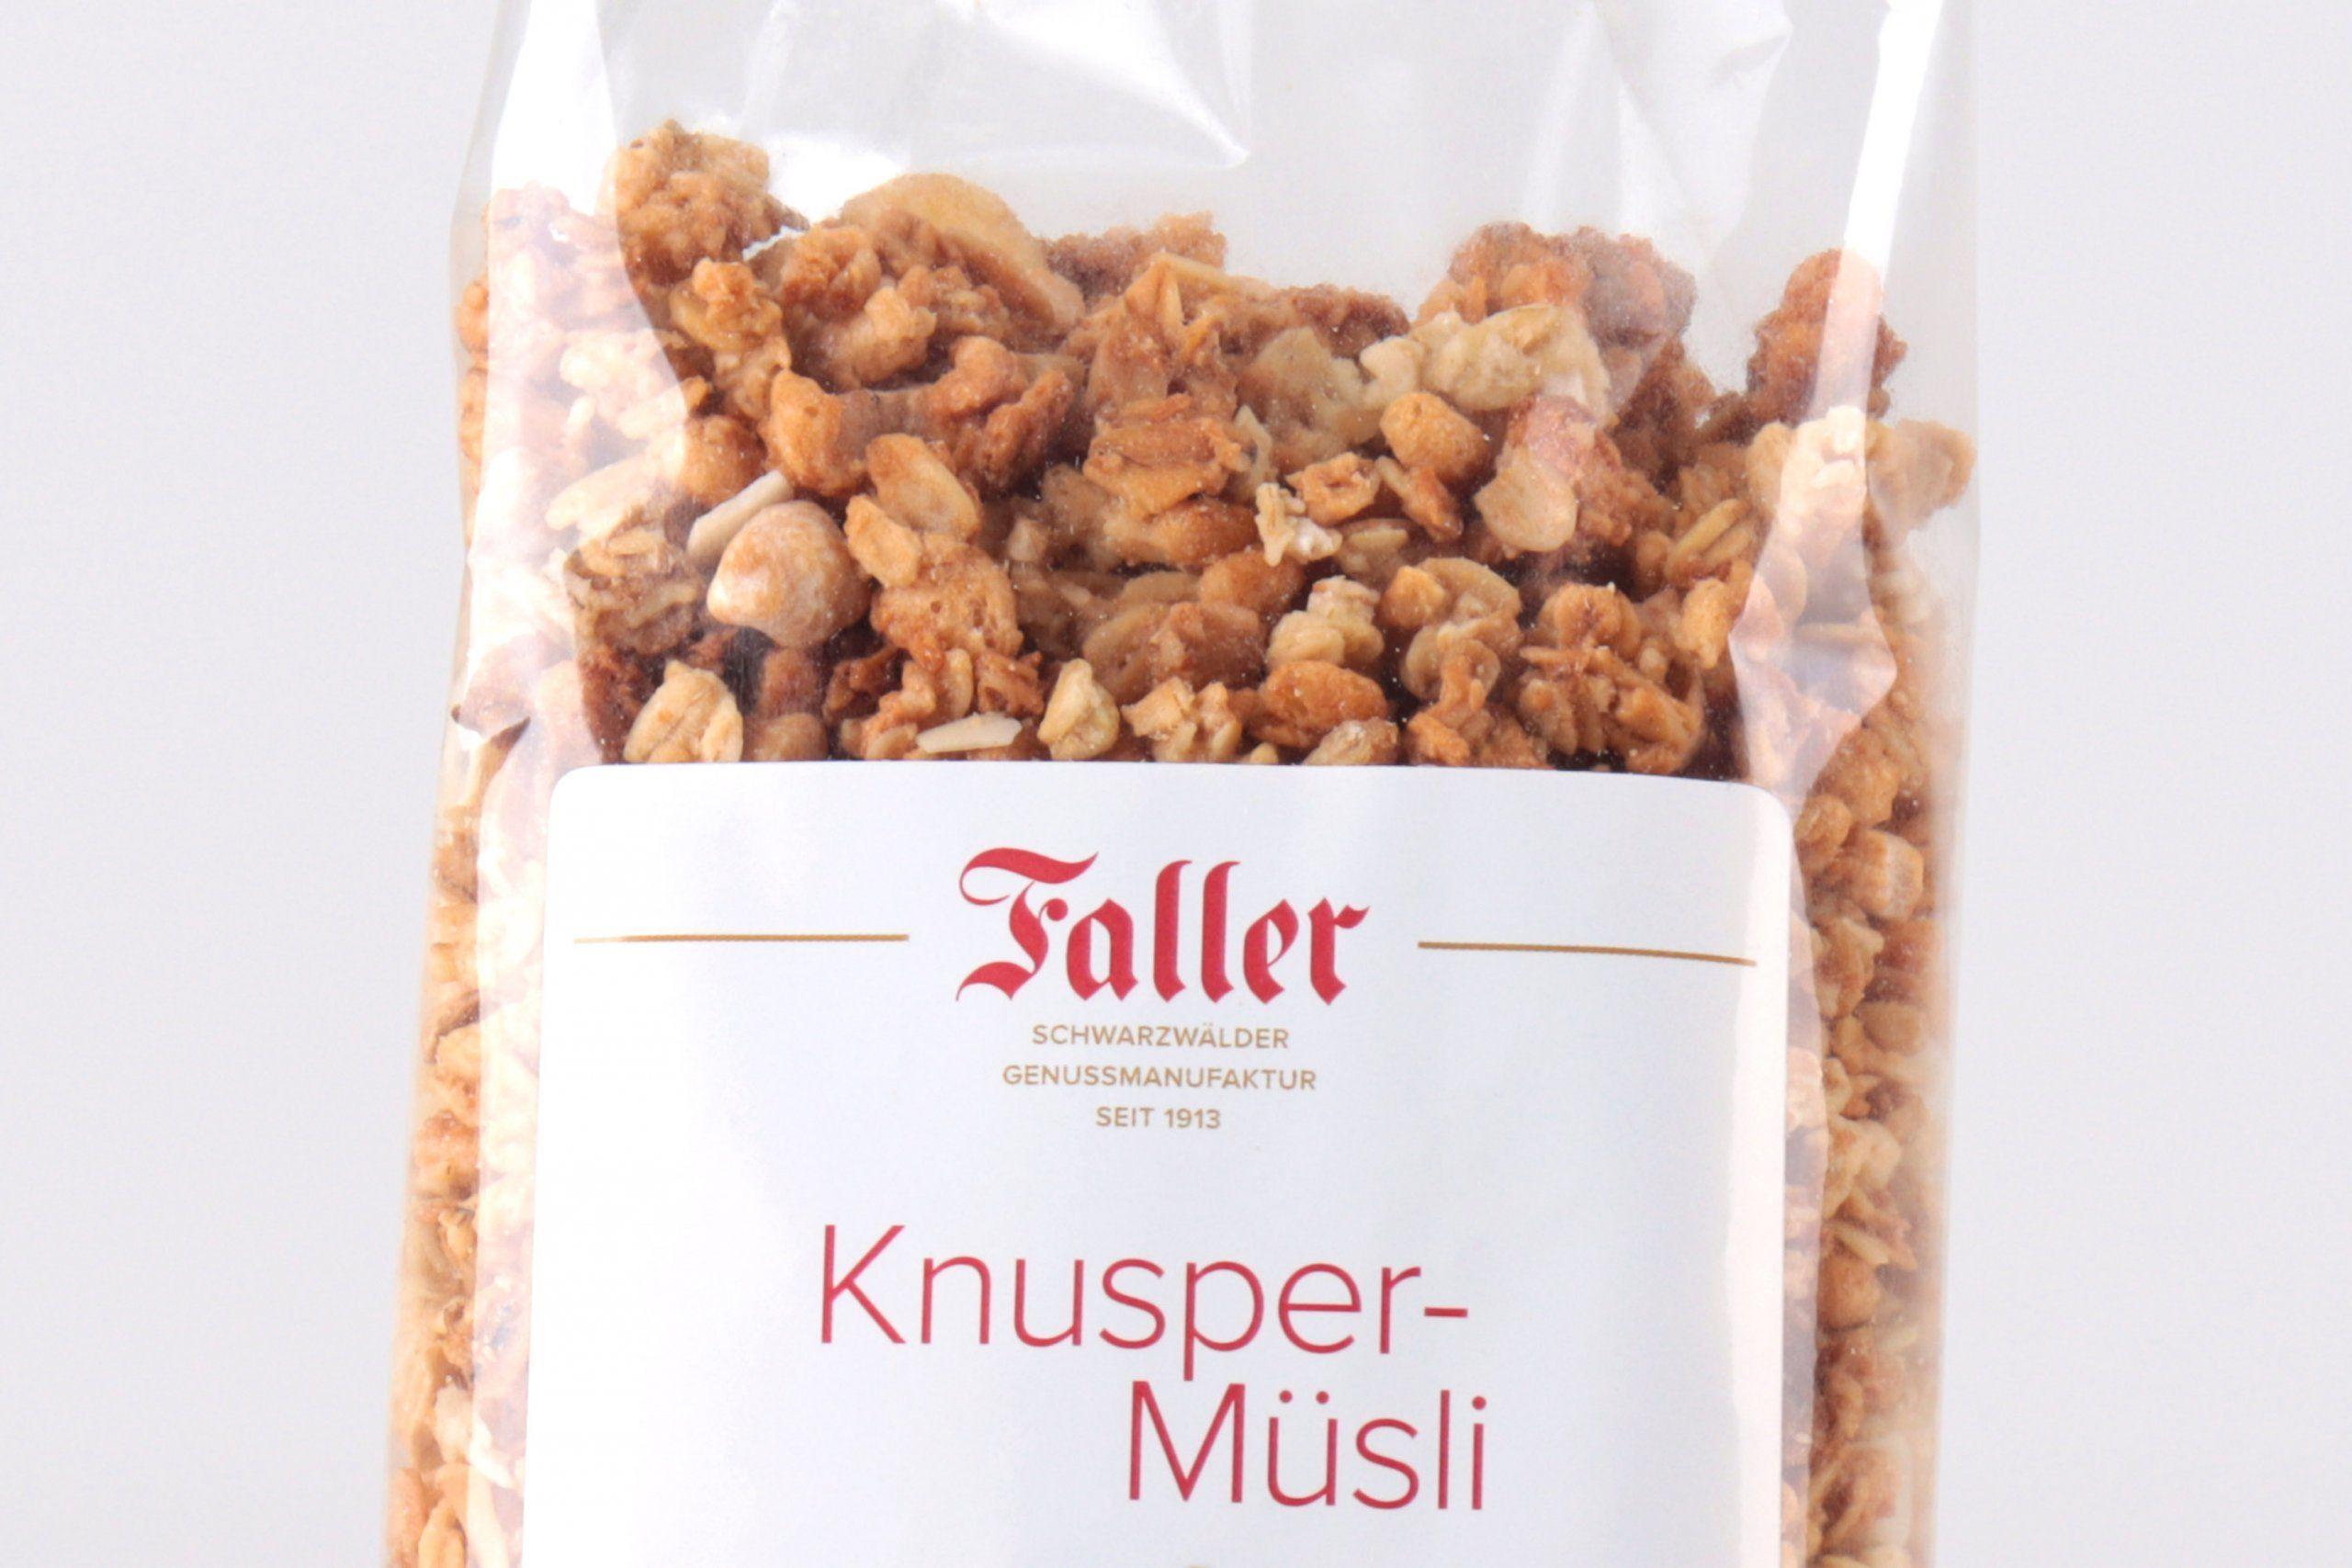 Knusper Gourmet Müsli von feinjemacht kaufen